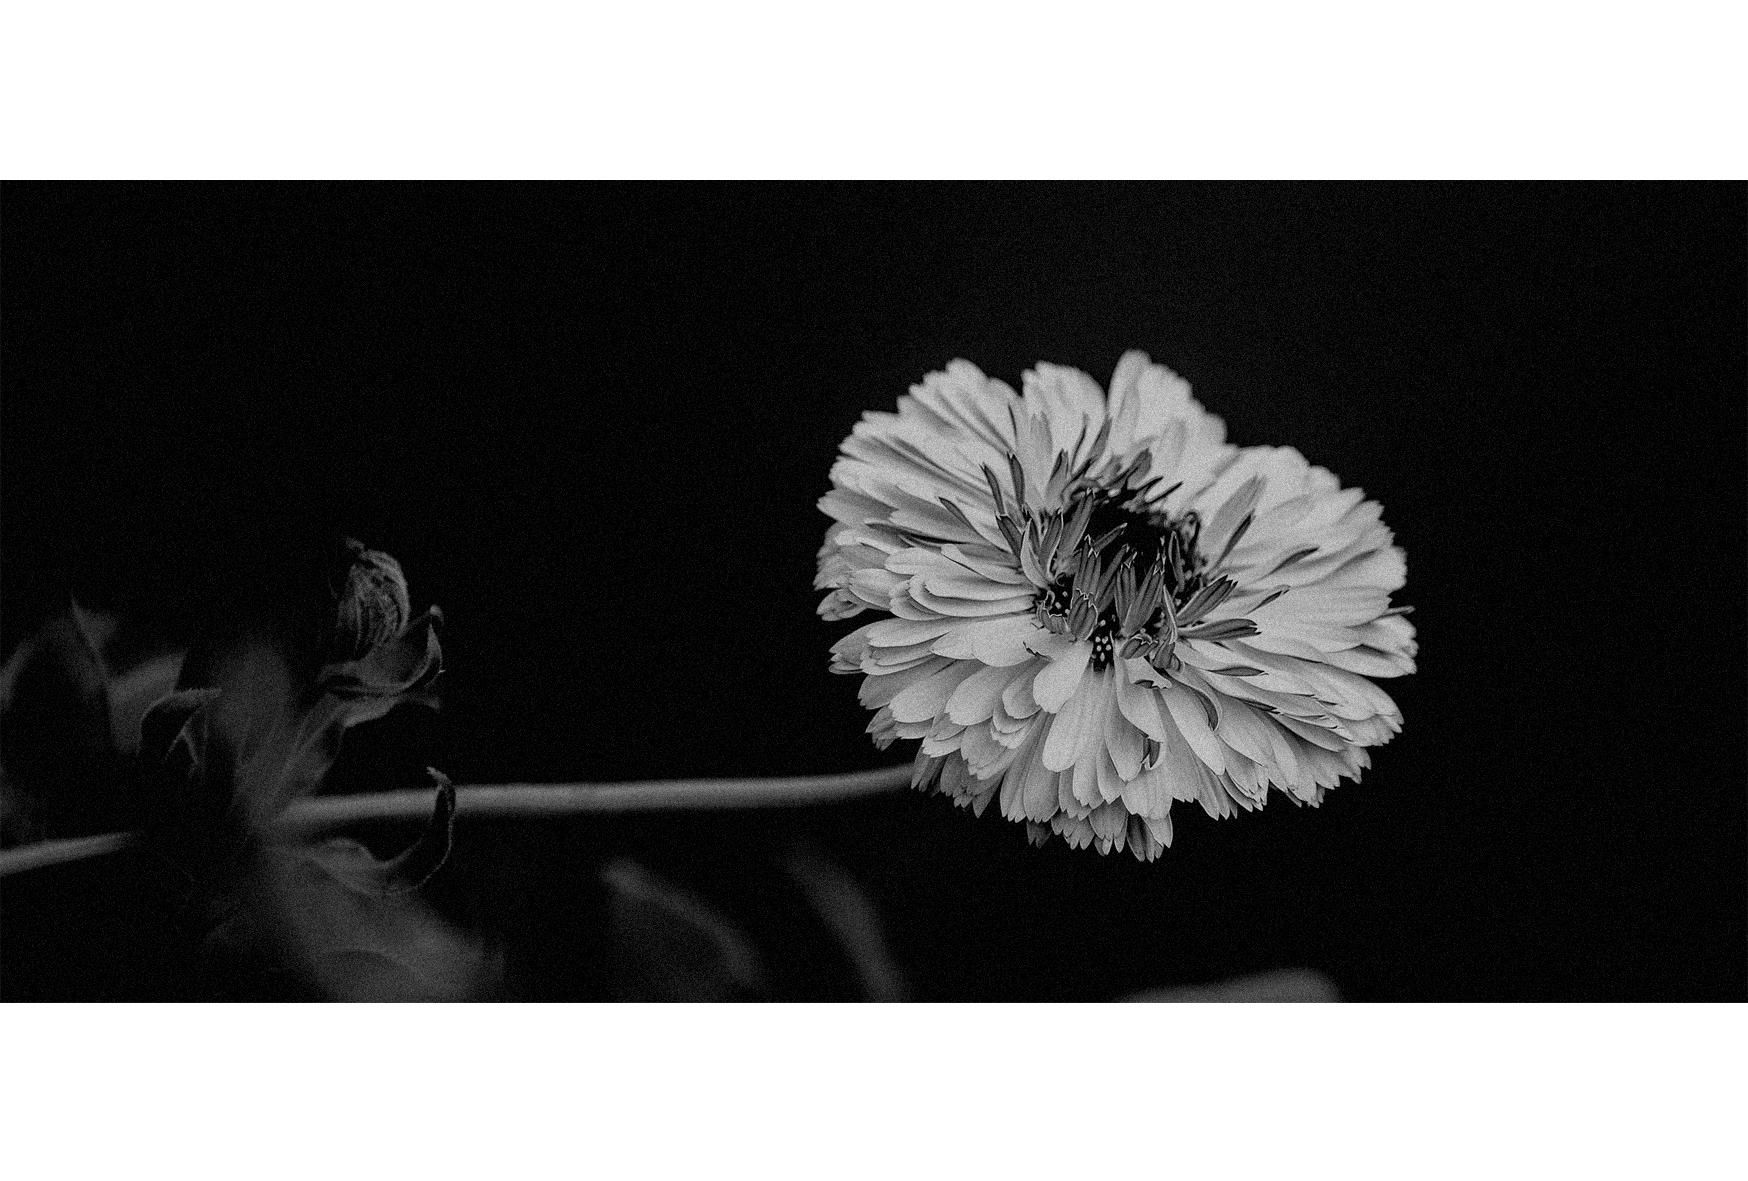 黑白光影|摄影|其他摄影|佐佐丶 - 原创作品 - 站酷